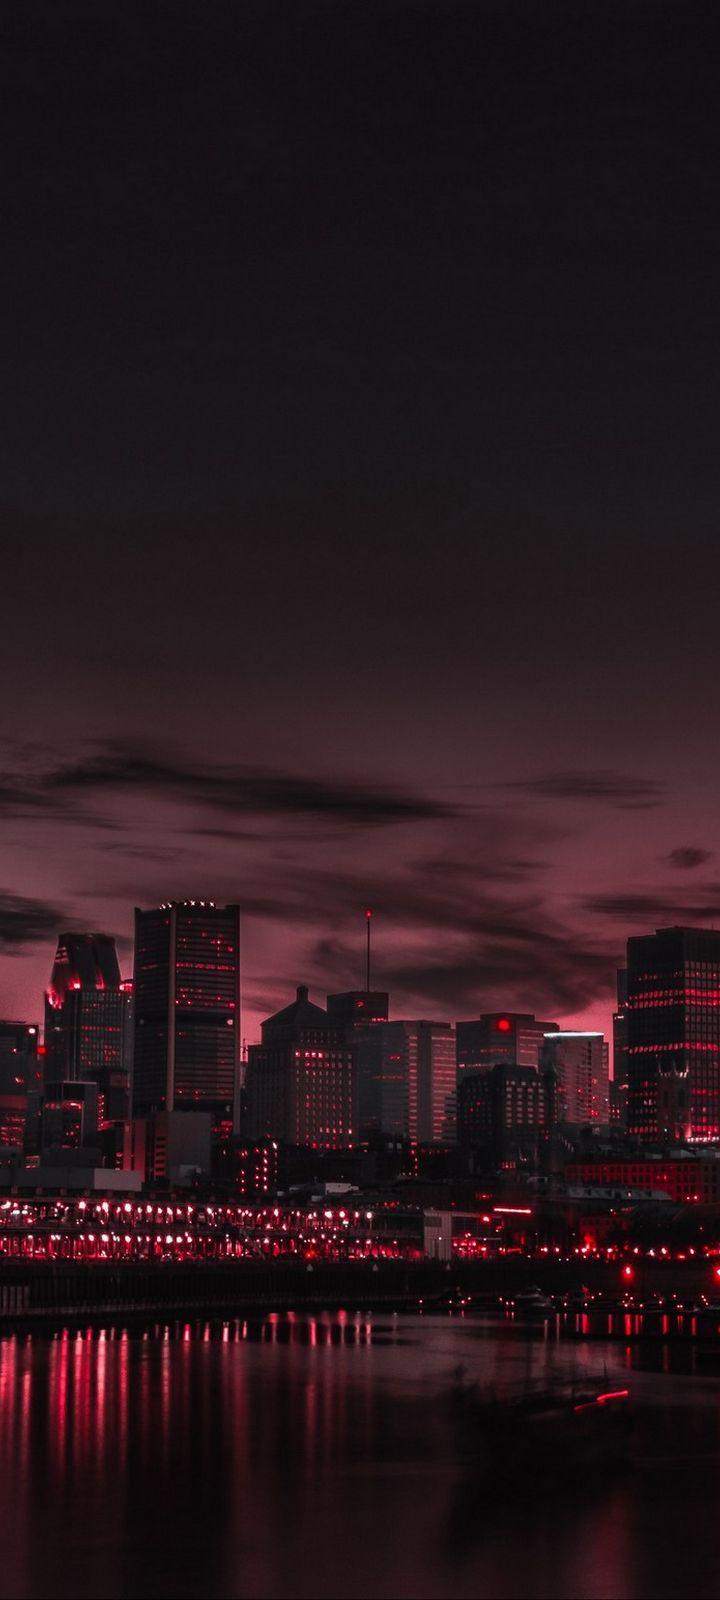 City Night Panorama Wallpaper 720x1600